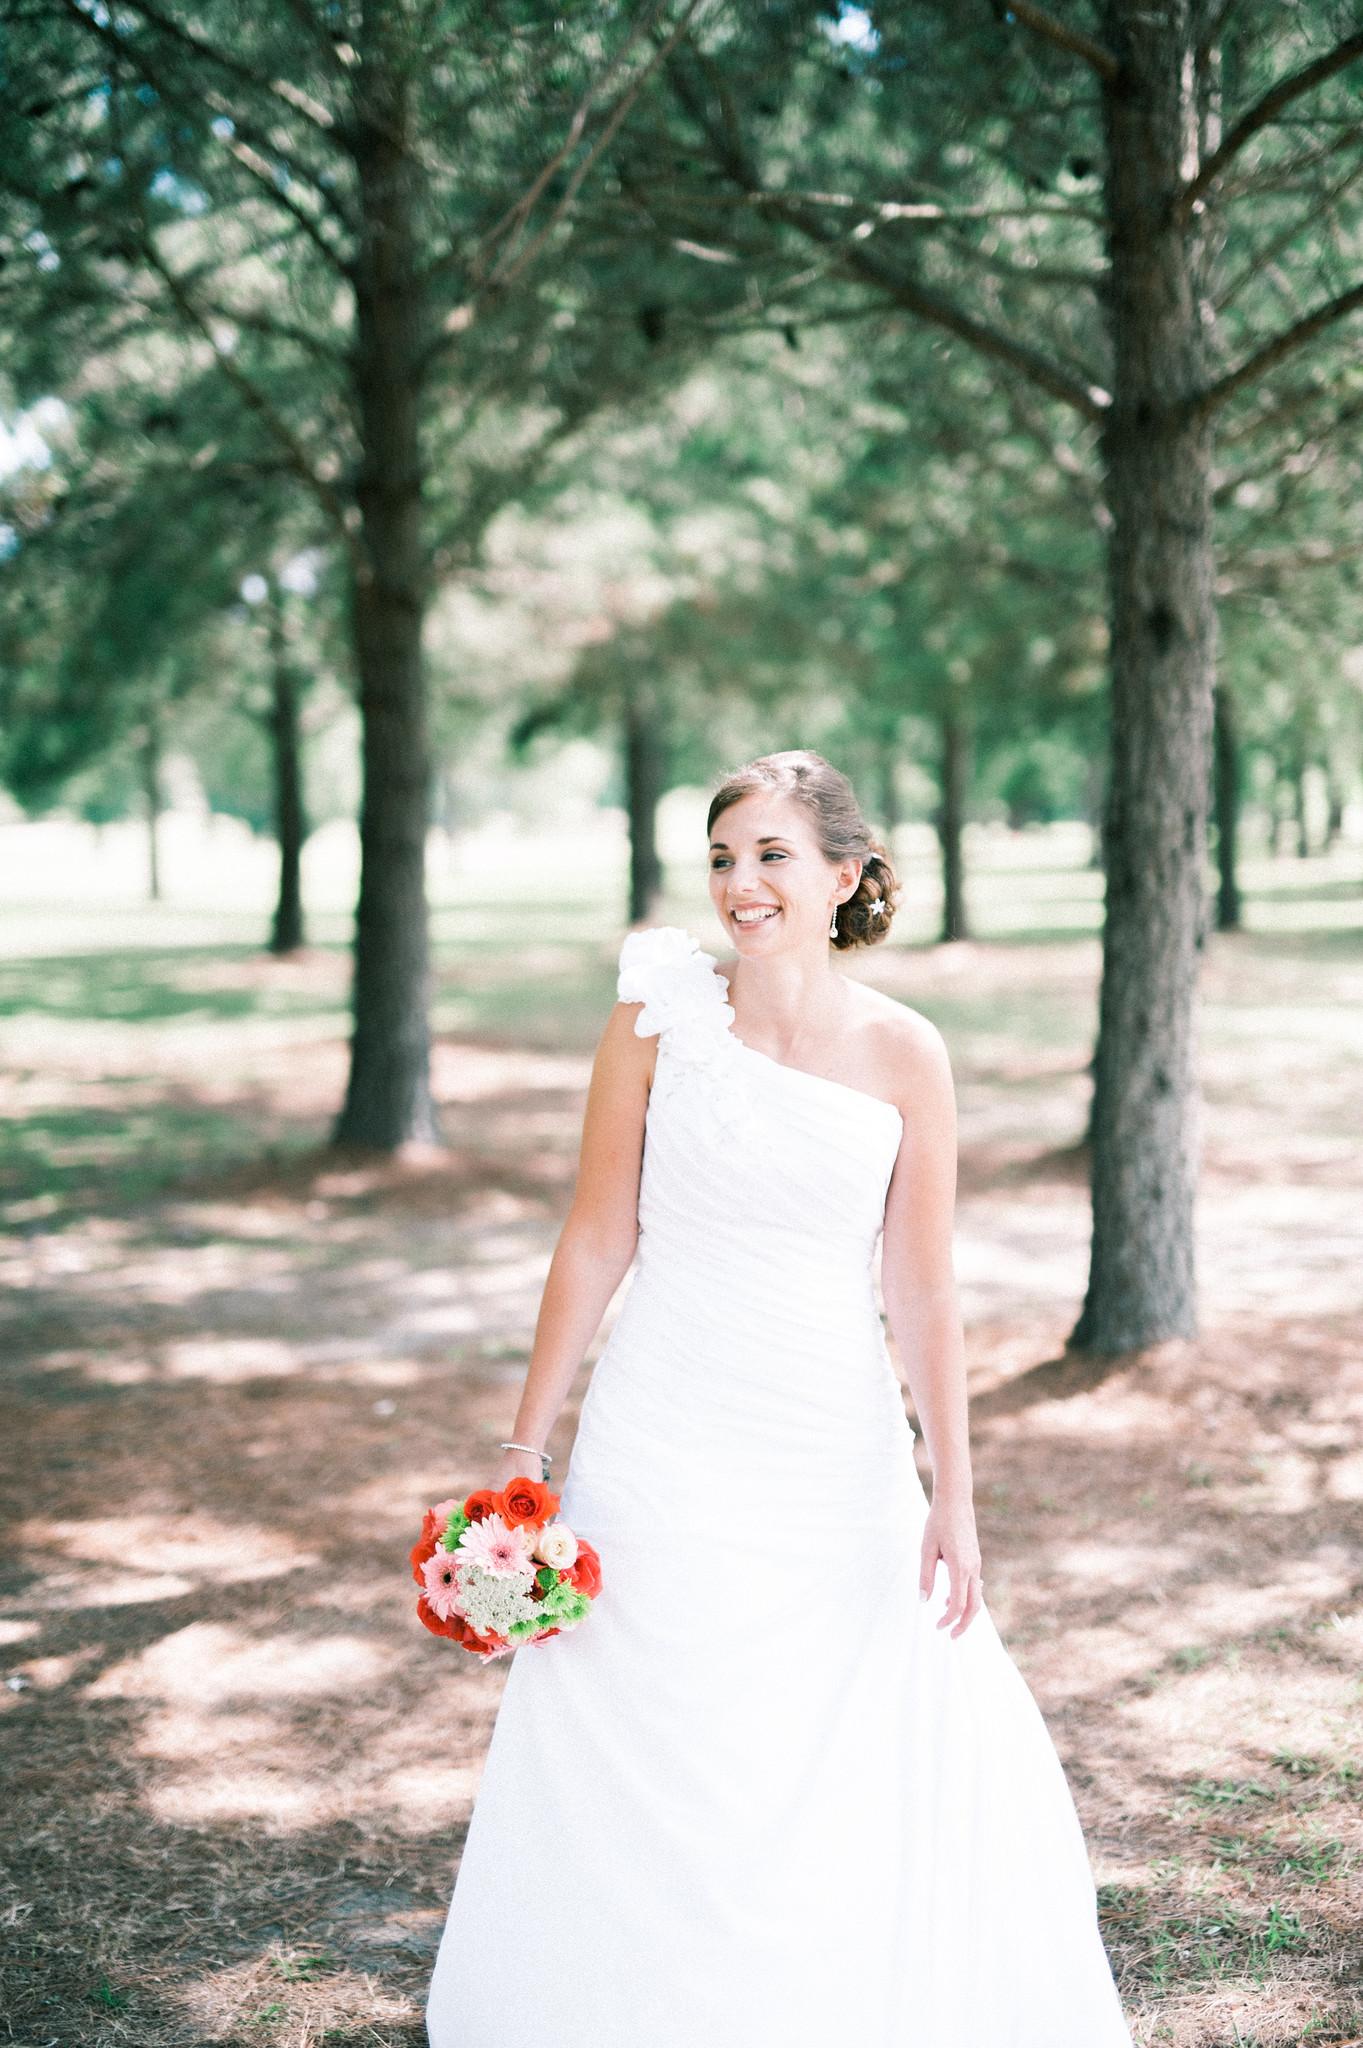 arthur-wedding-092-X4.jpg